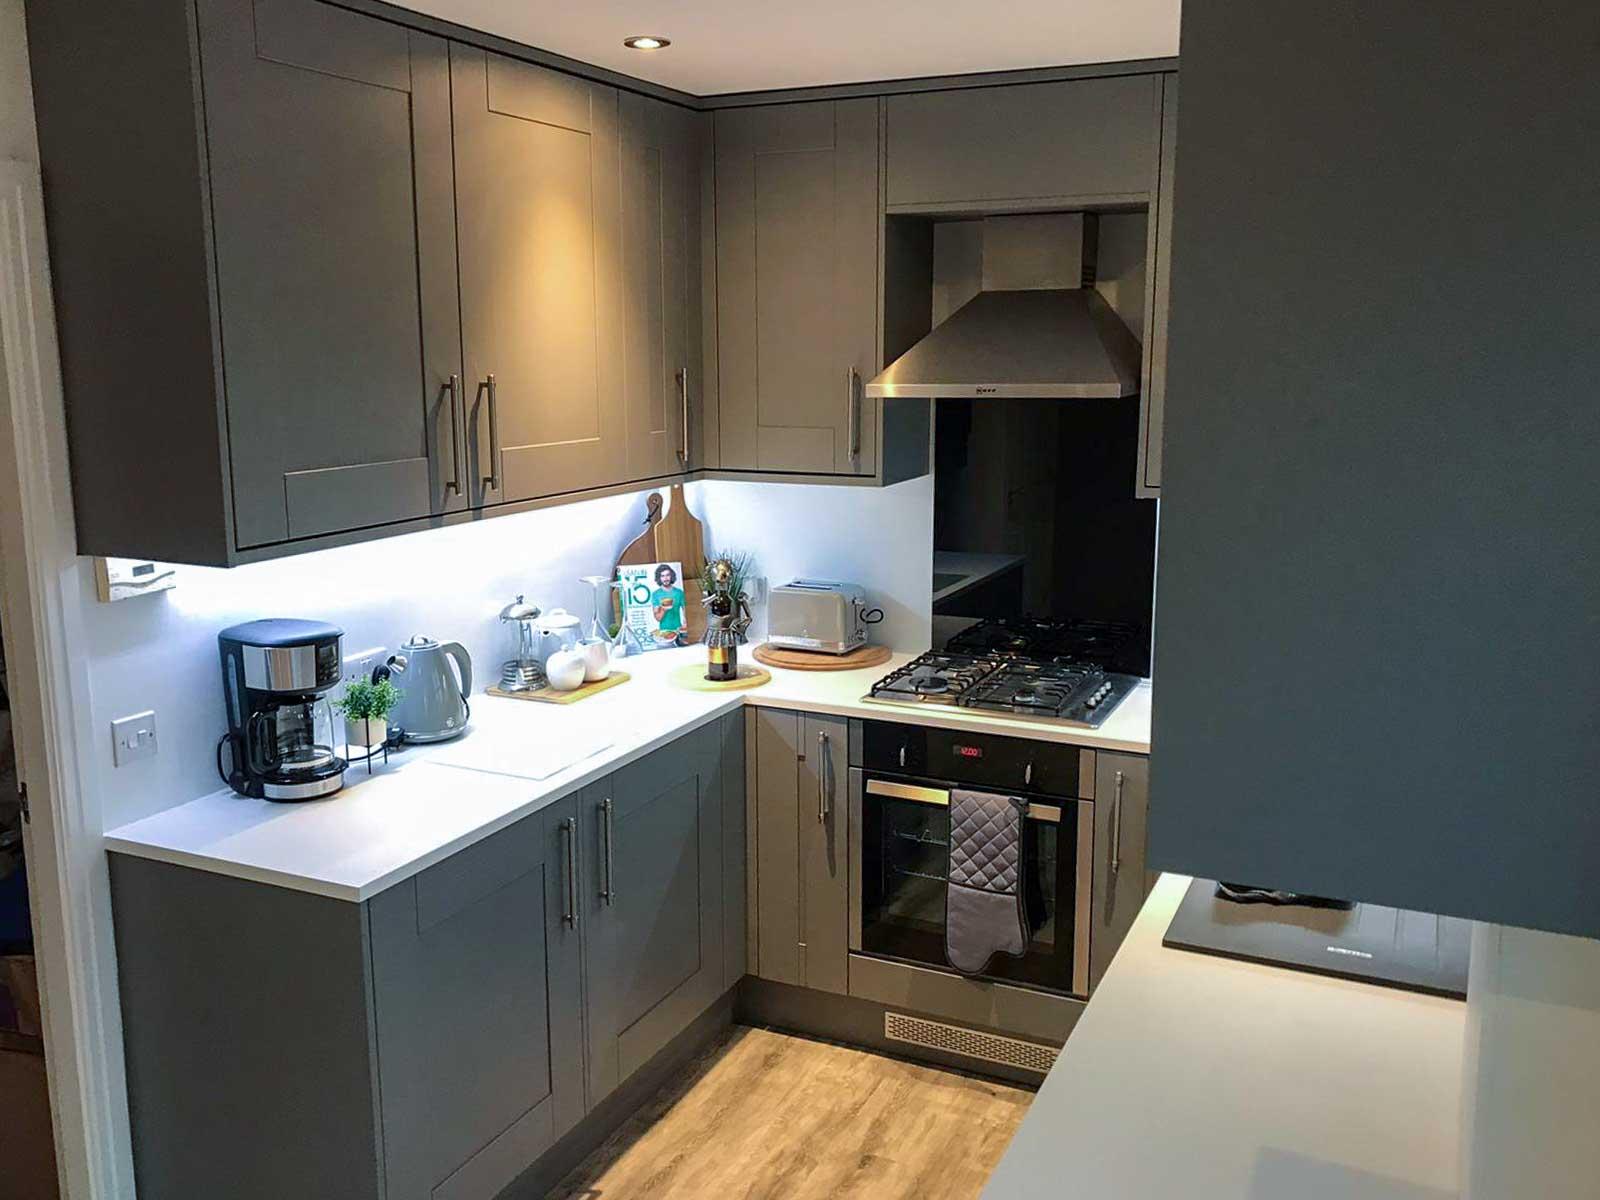 Mower Kitchen